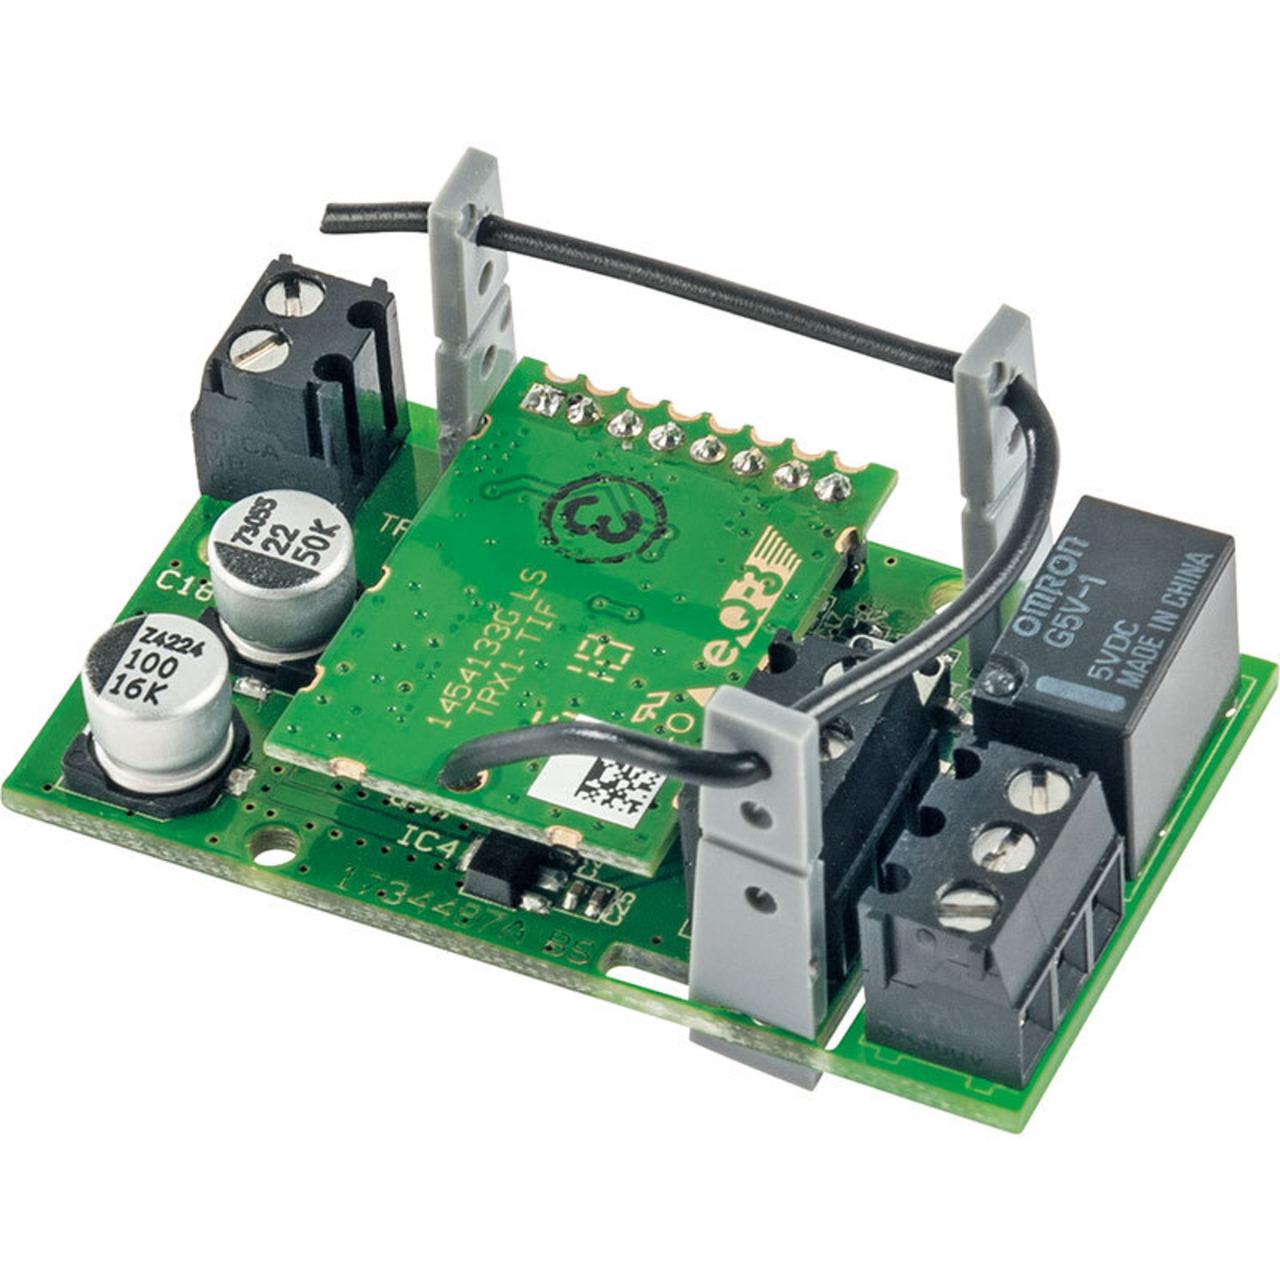 ELV Homematic IP Komplettbausatz Schaltplatine HmIP-PCBS- für Smart Home - Hausautomation